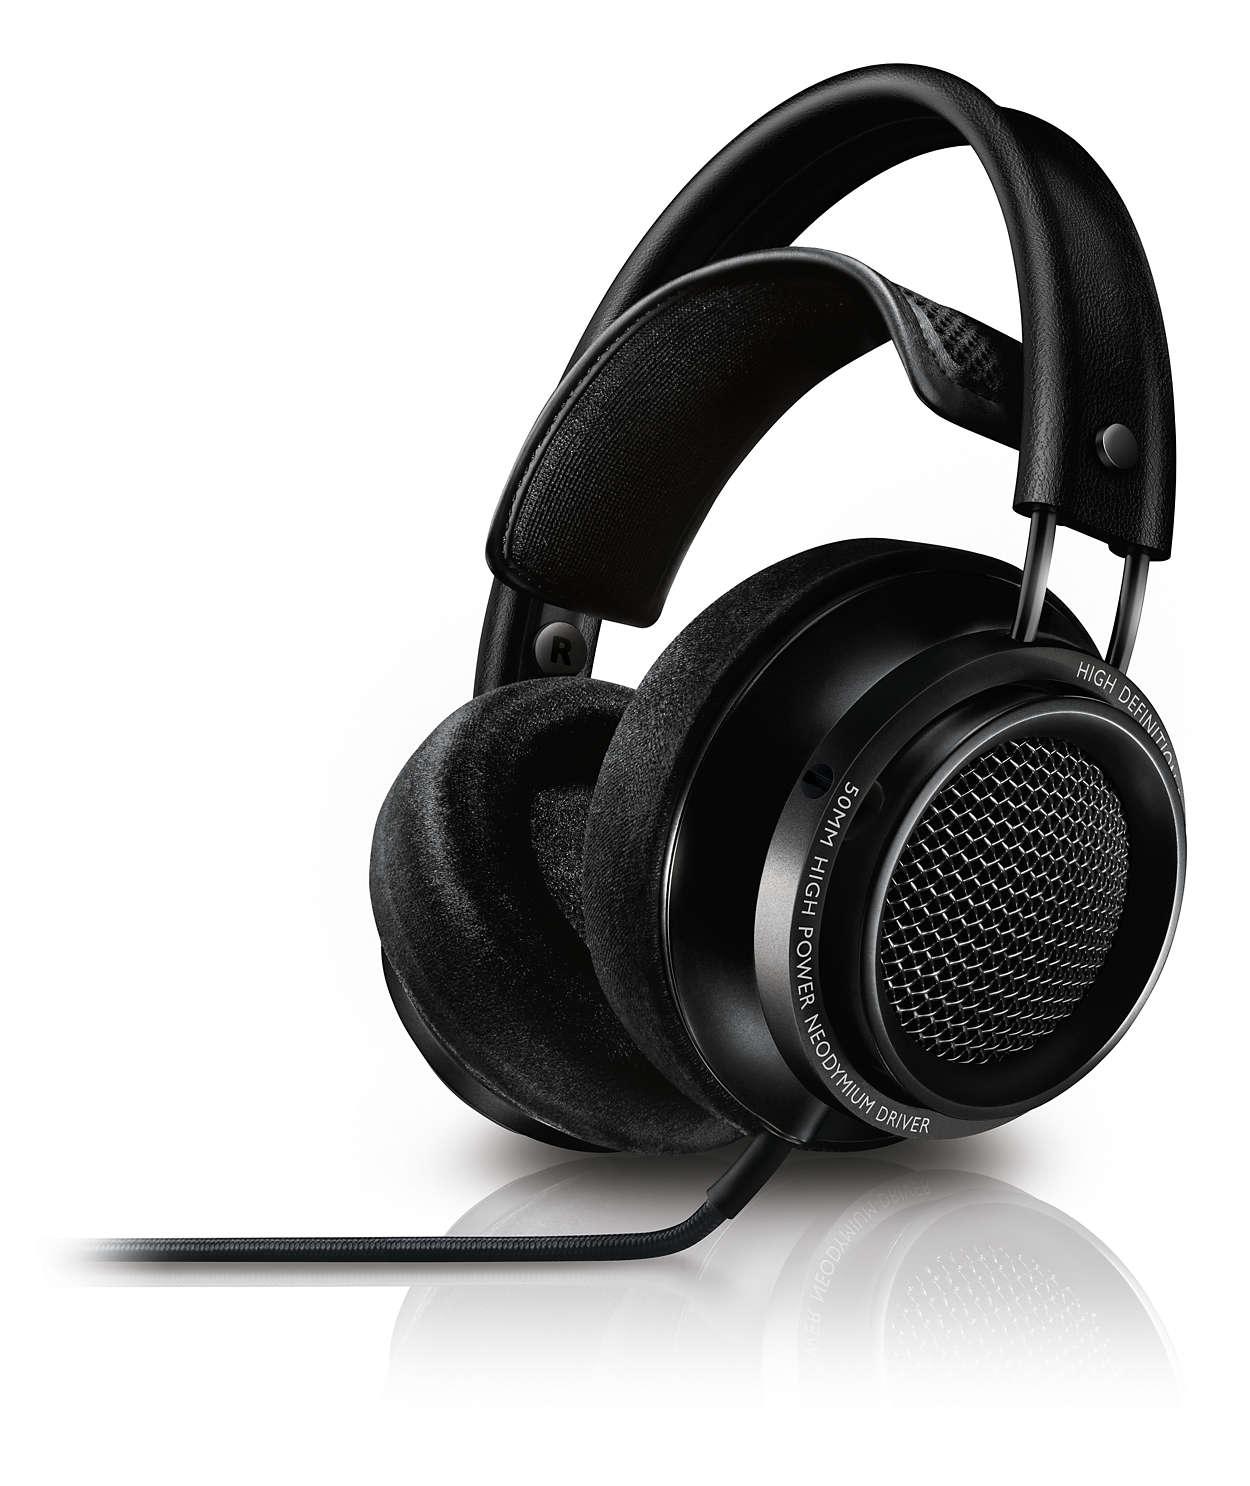 Hifi minőségű hangzás otthona kényelmében